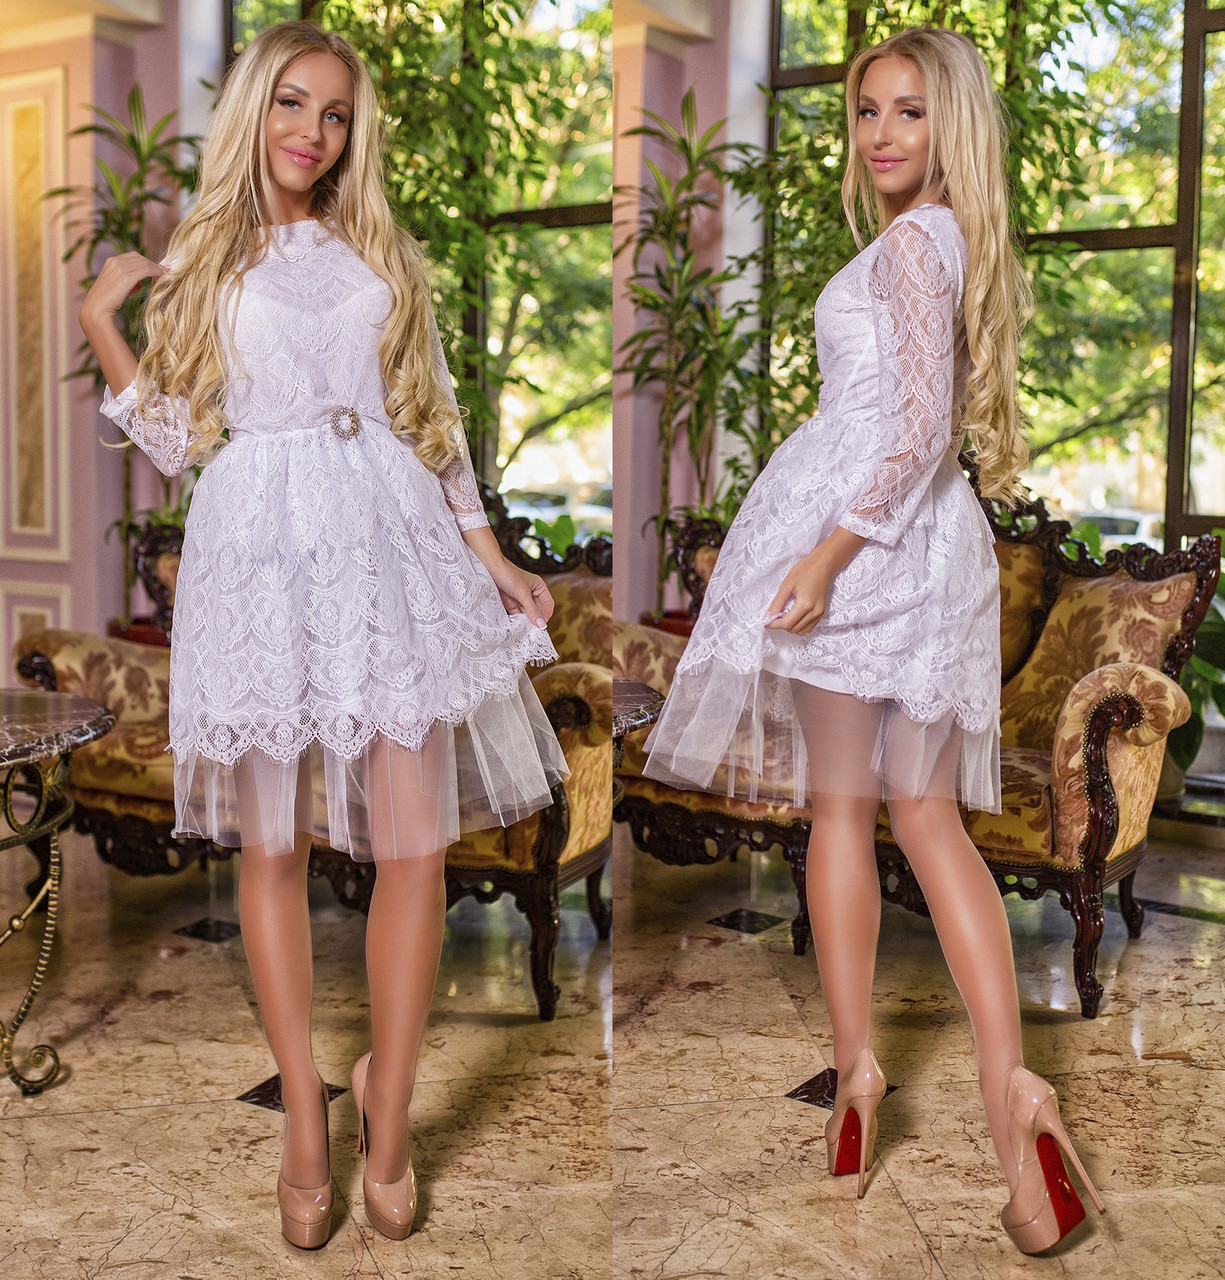 1708d020b77 Женское элегантное платье из гипюра с фатином в расцветках. ПН-21-1117 -